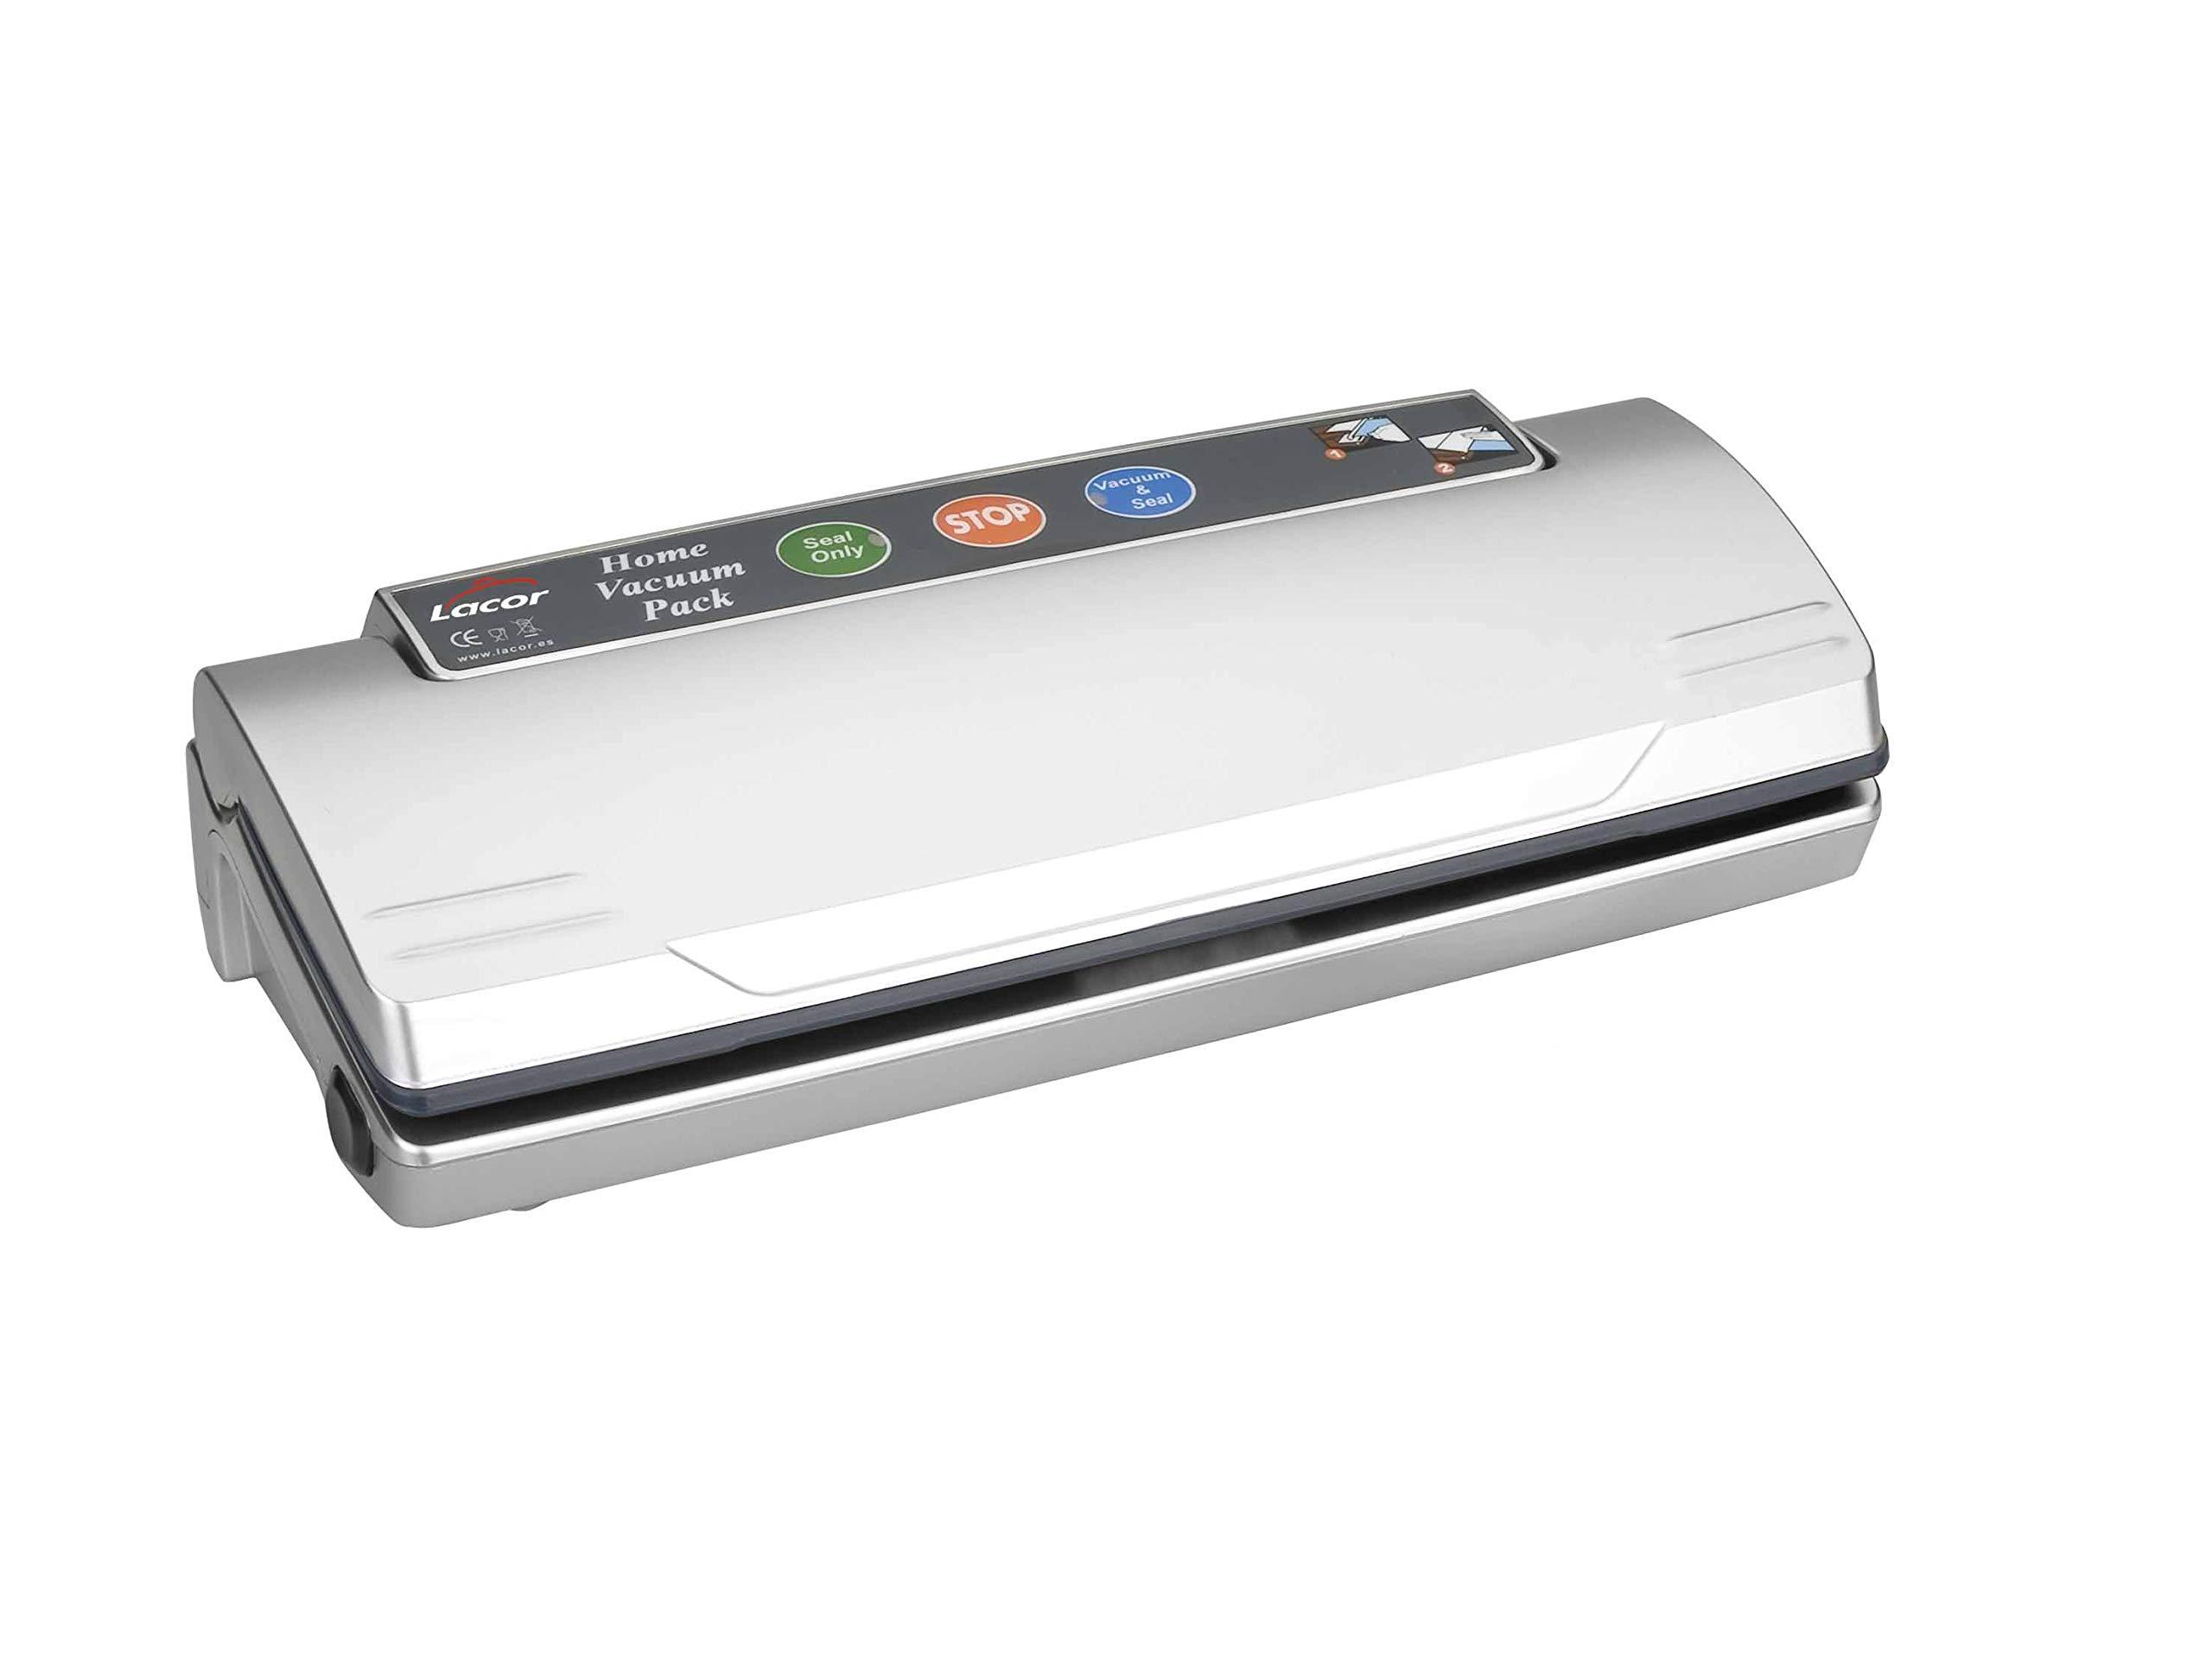 Lacor 69050 Appareil de mise sous vide Home 110W product image